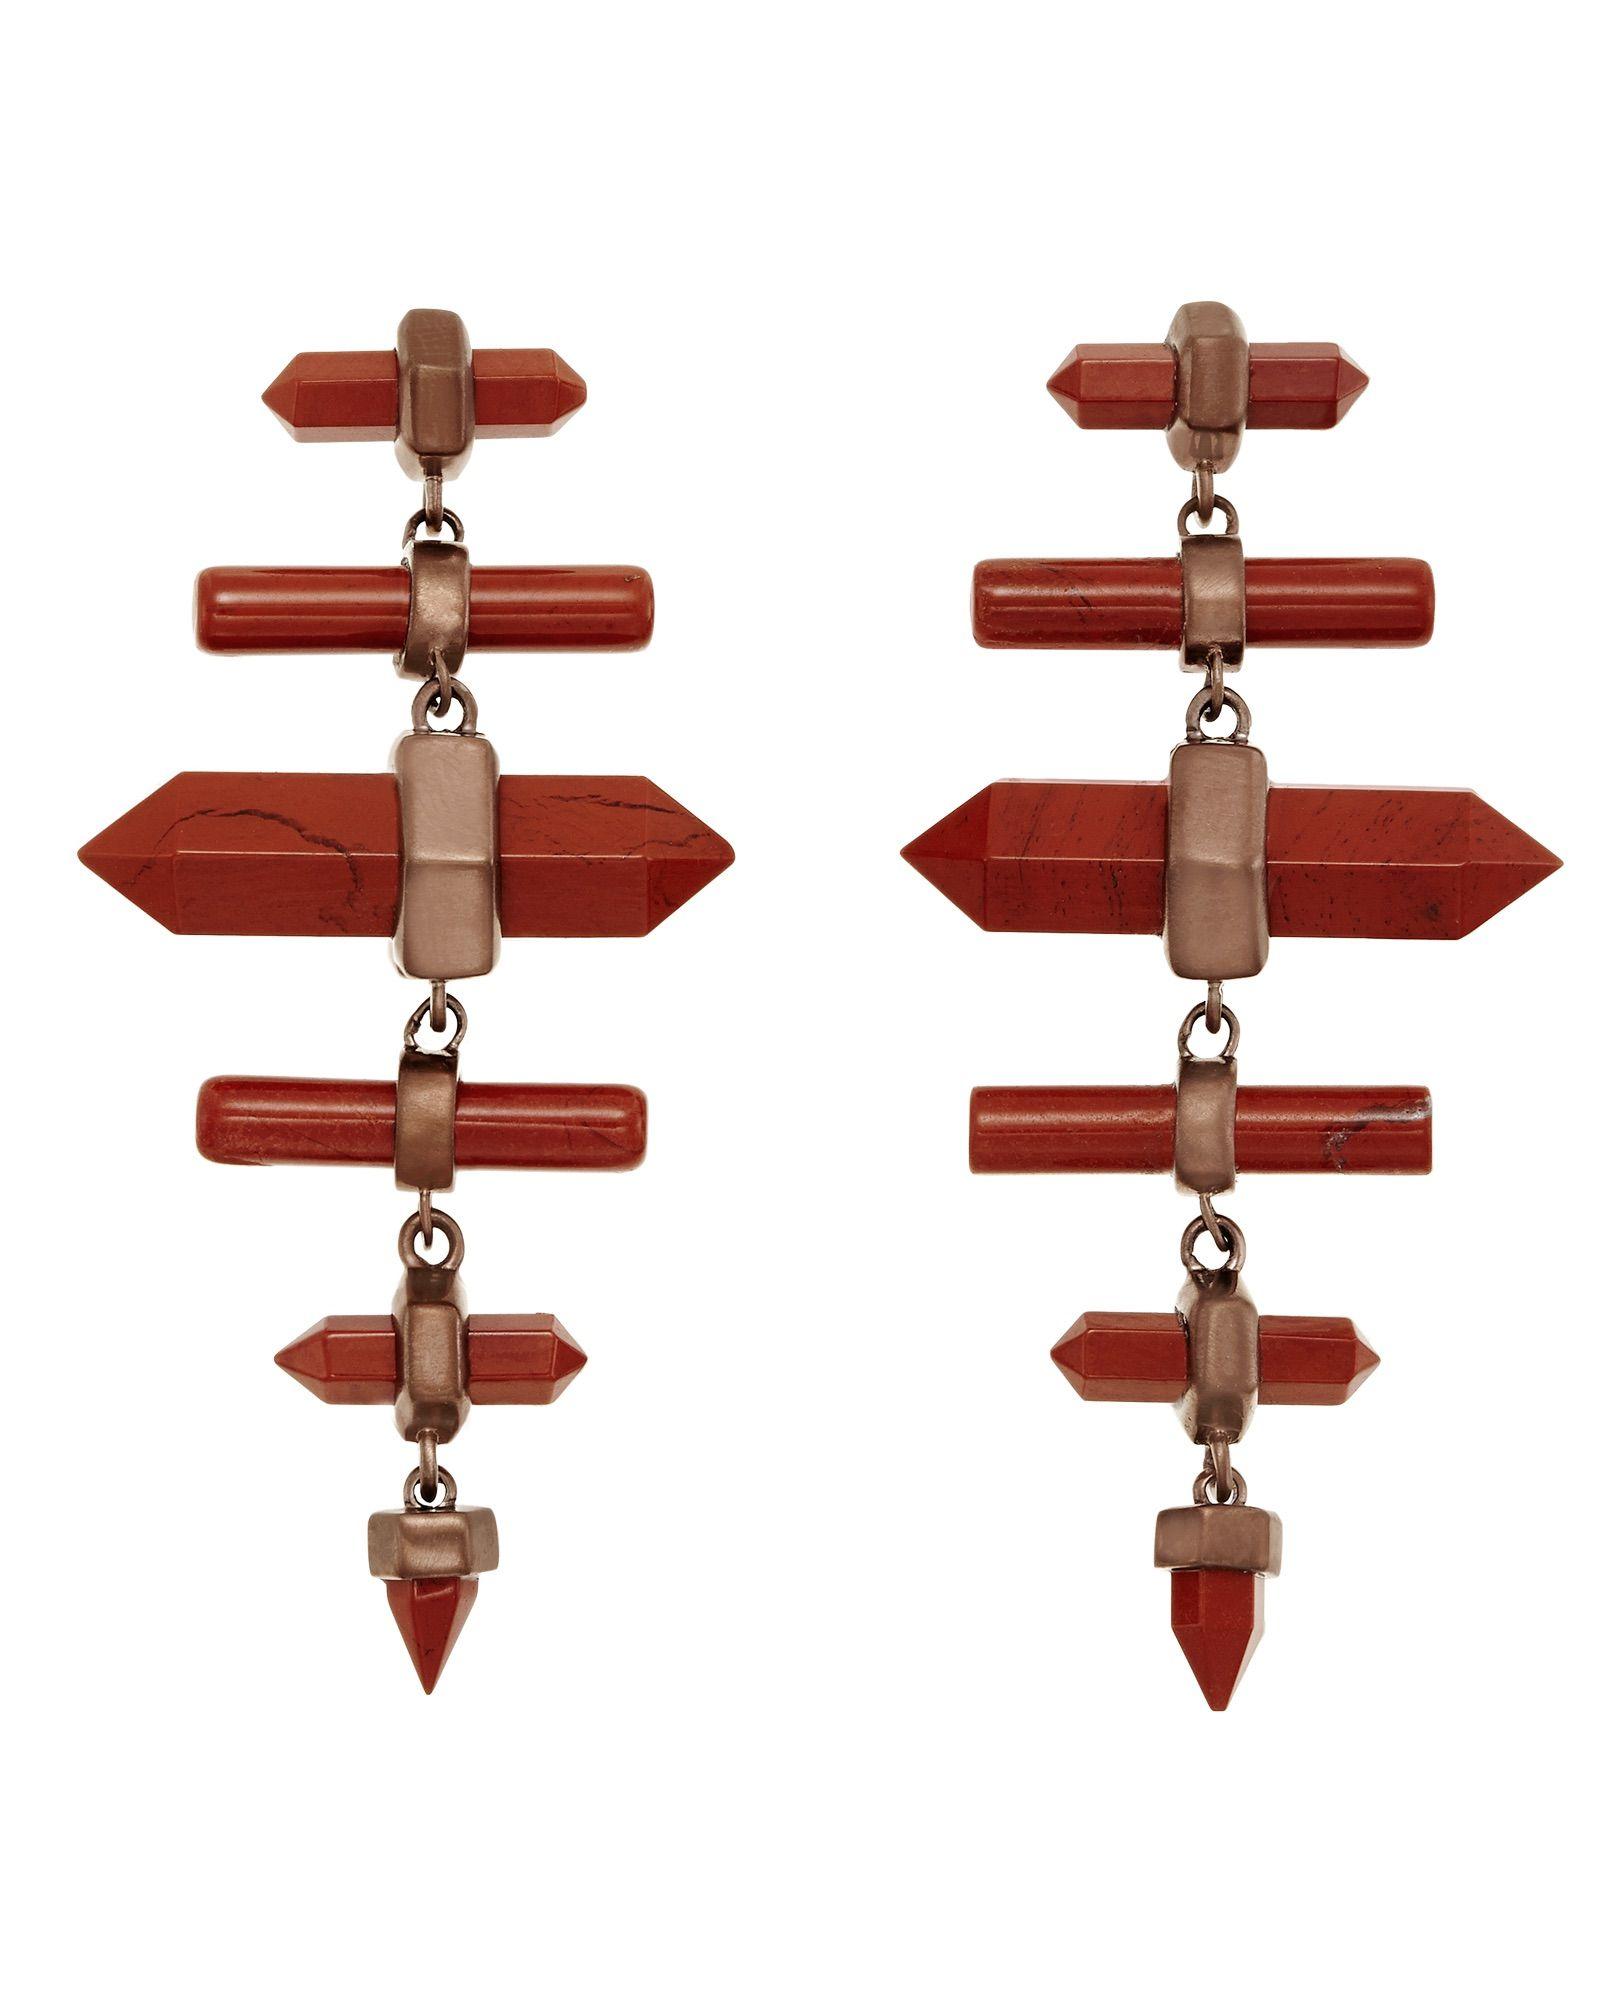 Kendra Scott jasper earrings